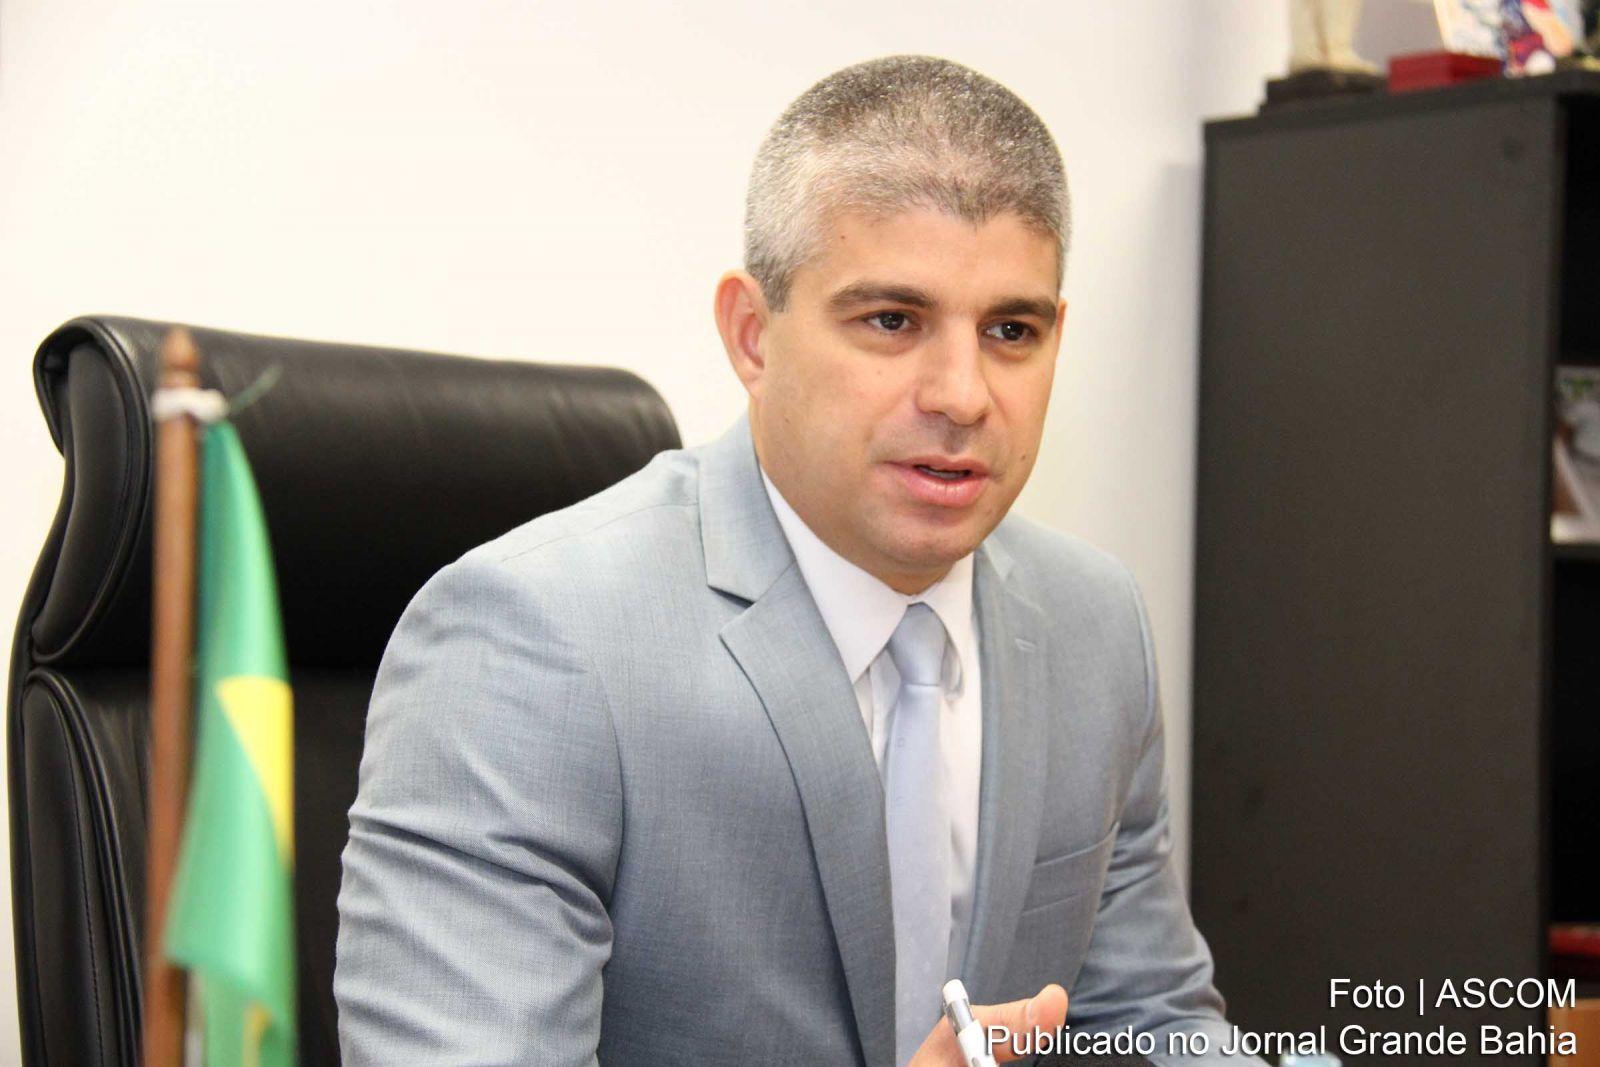 Secretário Nacional de Segurança Pública envia link com crítica a Rui Costa e SSP da Ba, Maurício Barbosa reage logo